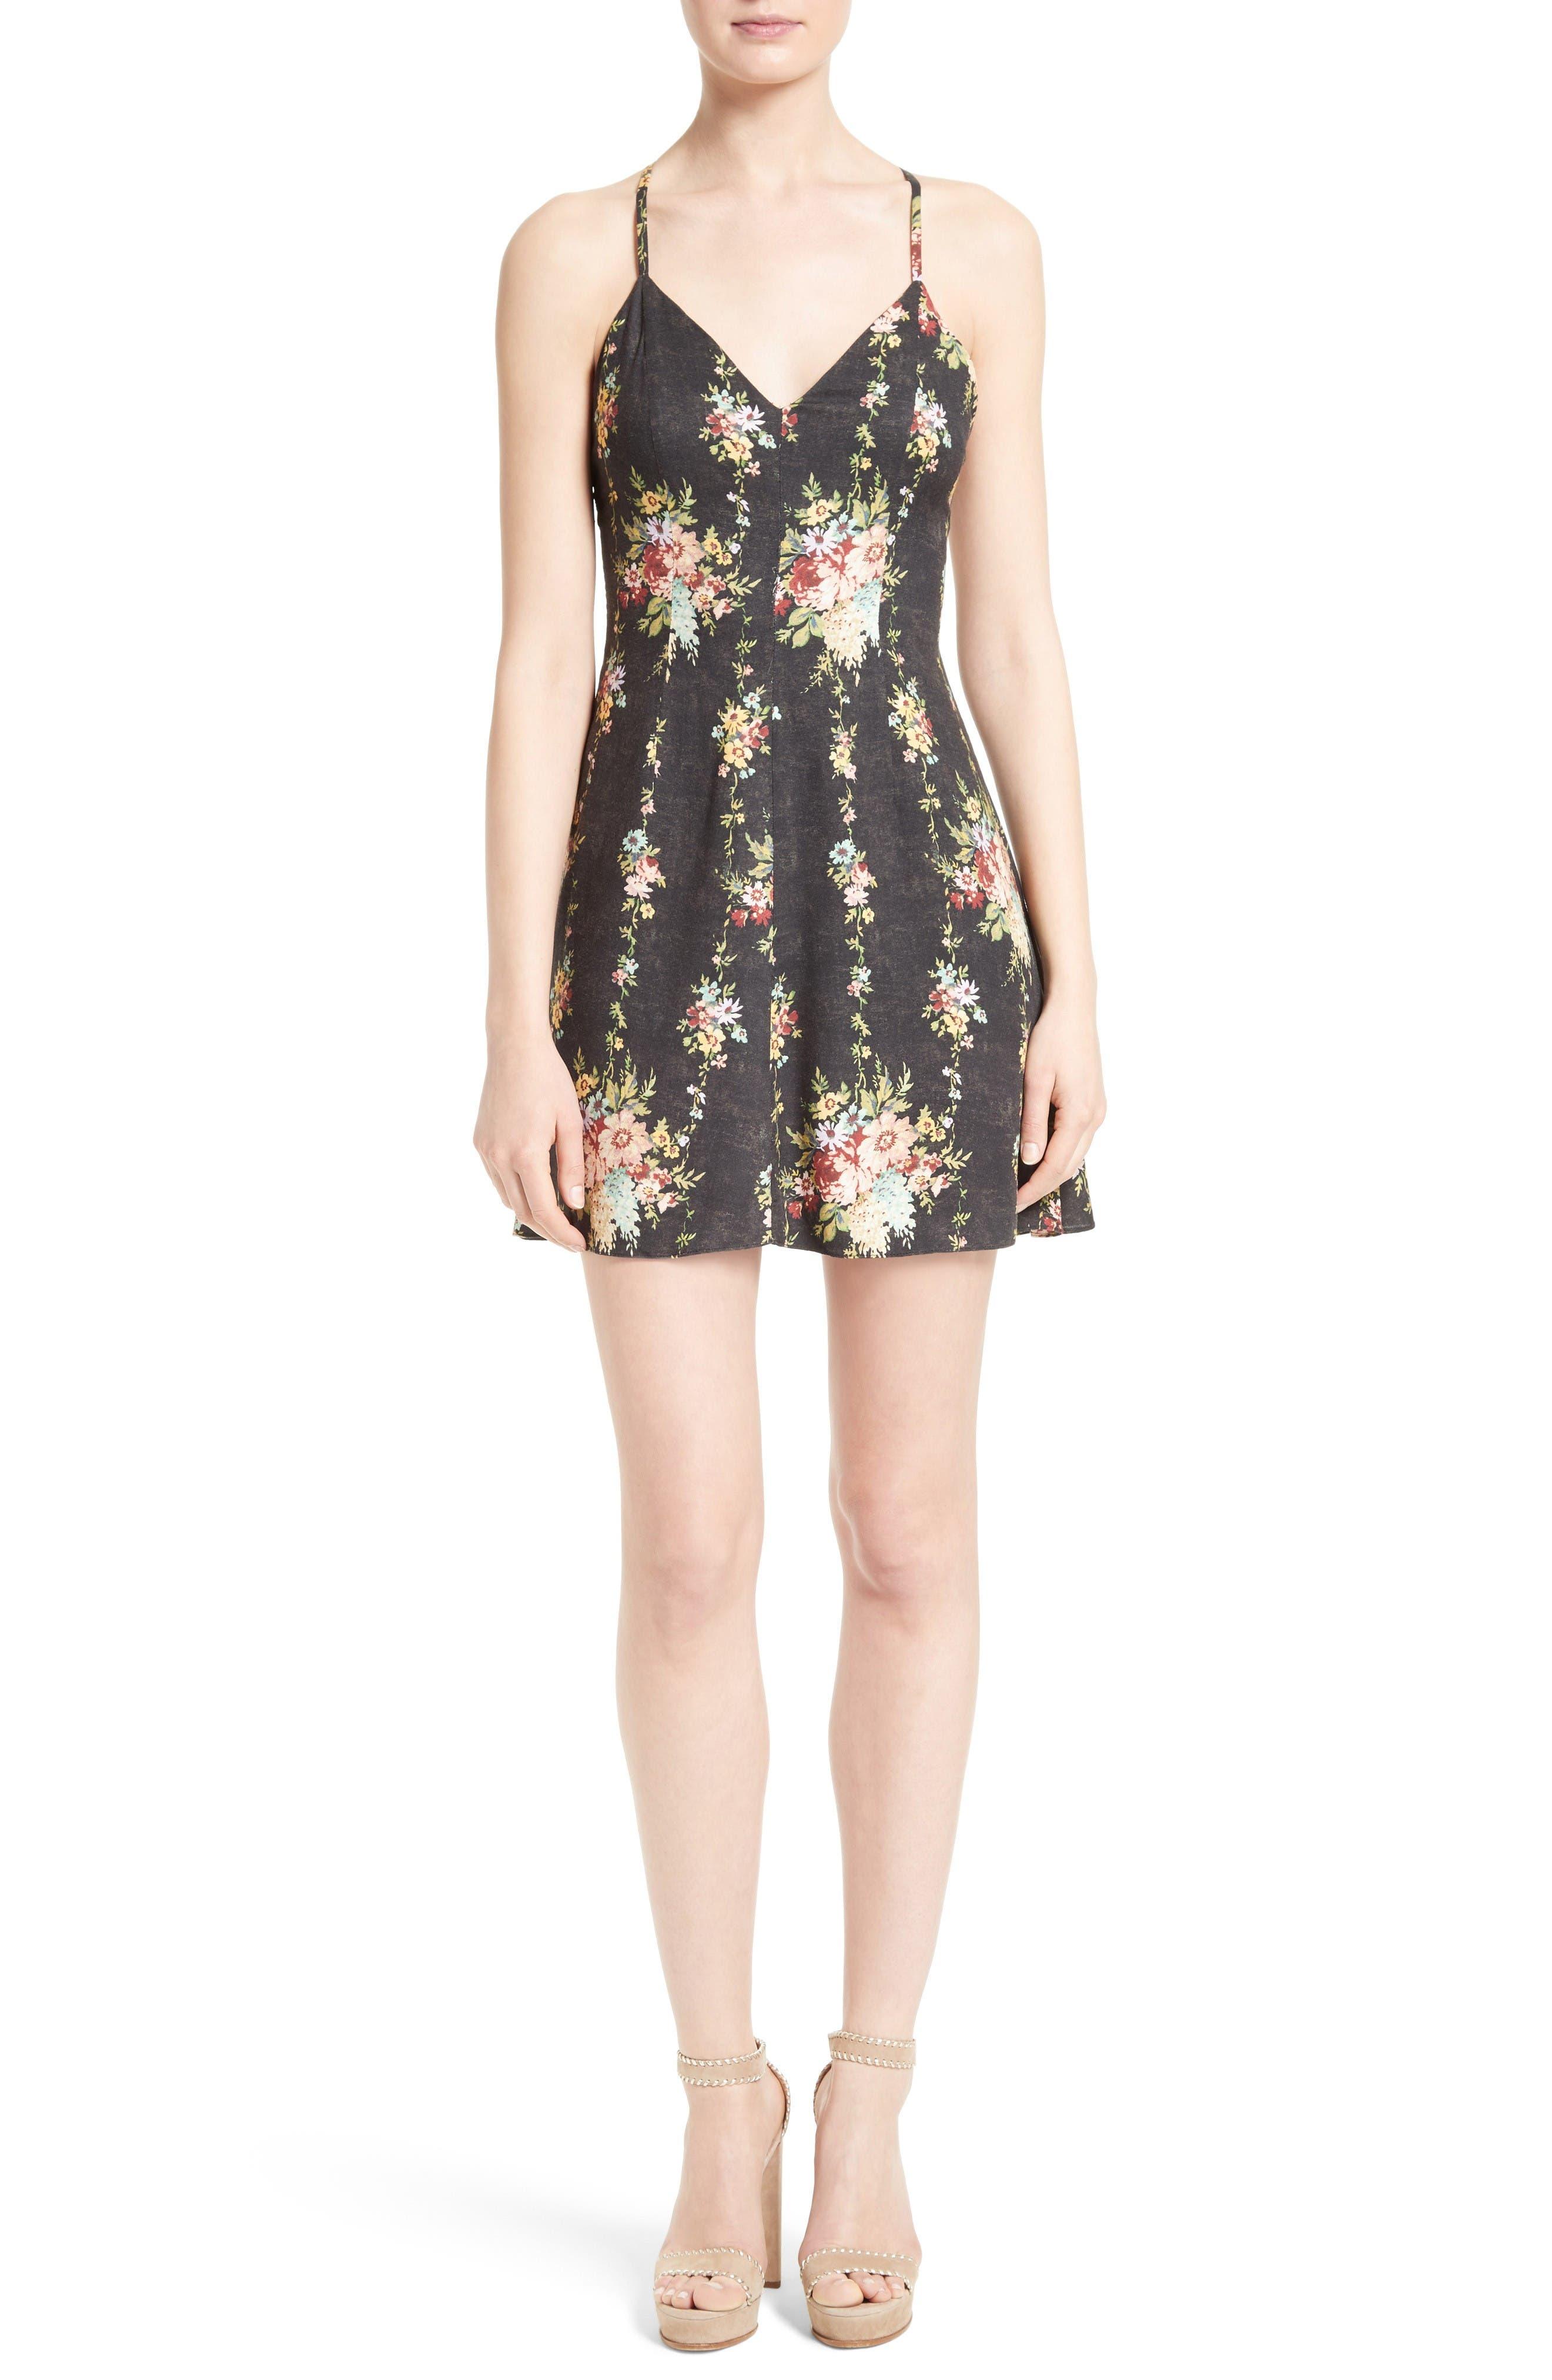 Alternate Image 1 Selected - Alice + Olivia Alves Floral Fit & Flare Dress